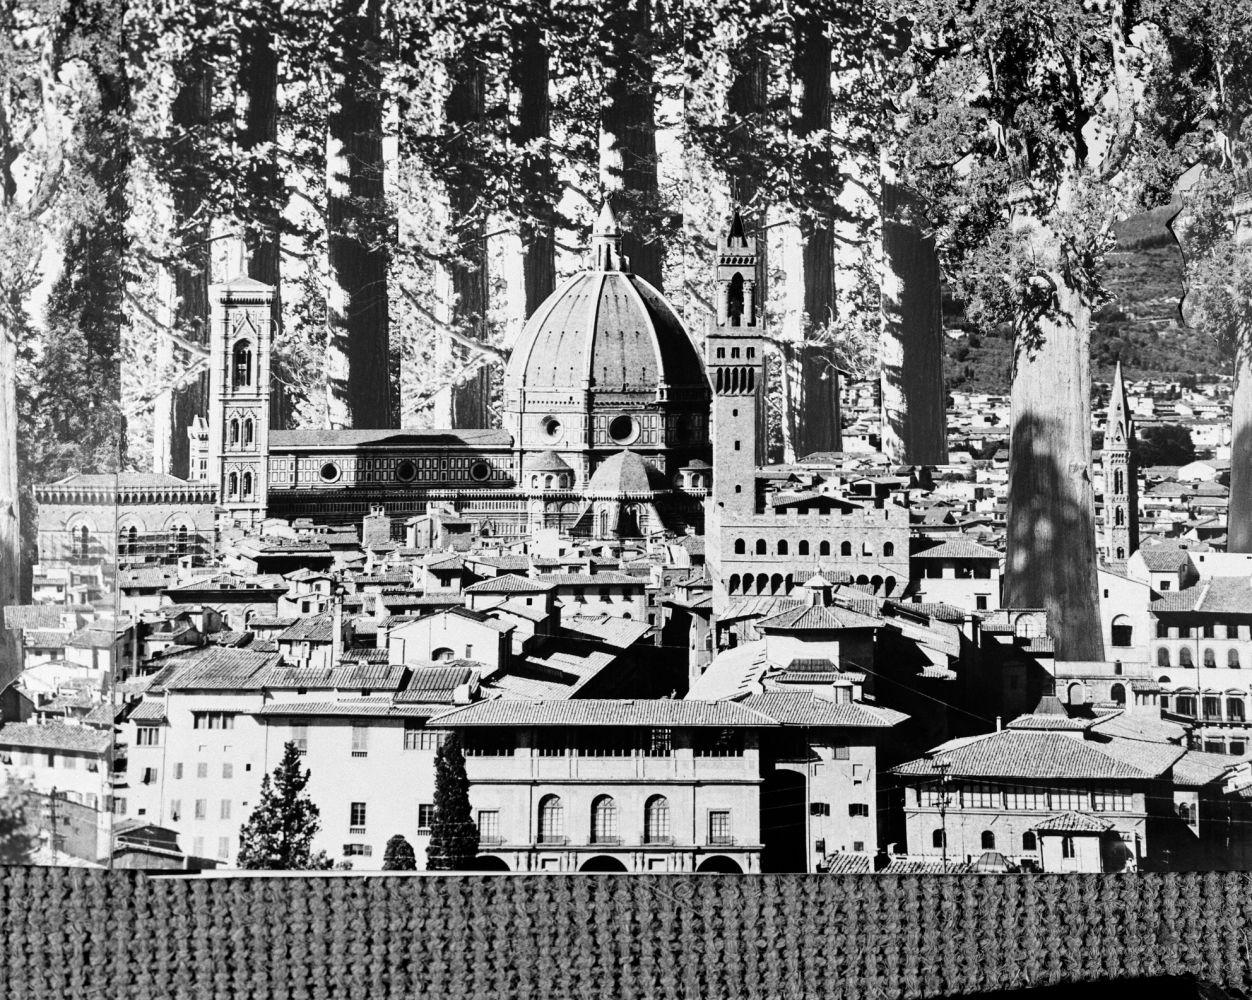 Gruppo 9999 (G.Birelli, C.Caldini, F.Fiumi, P.Galli), Concorso per la Nuova Università di Firenze, 1971